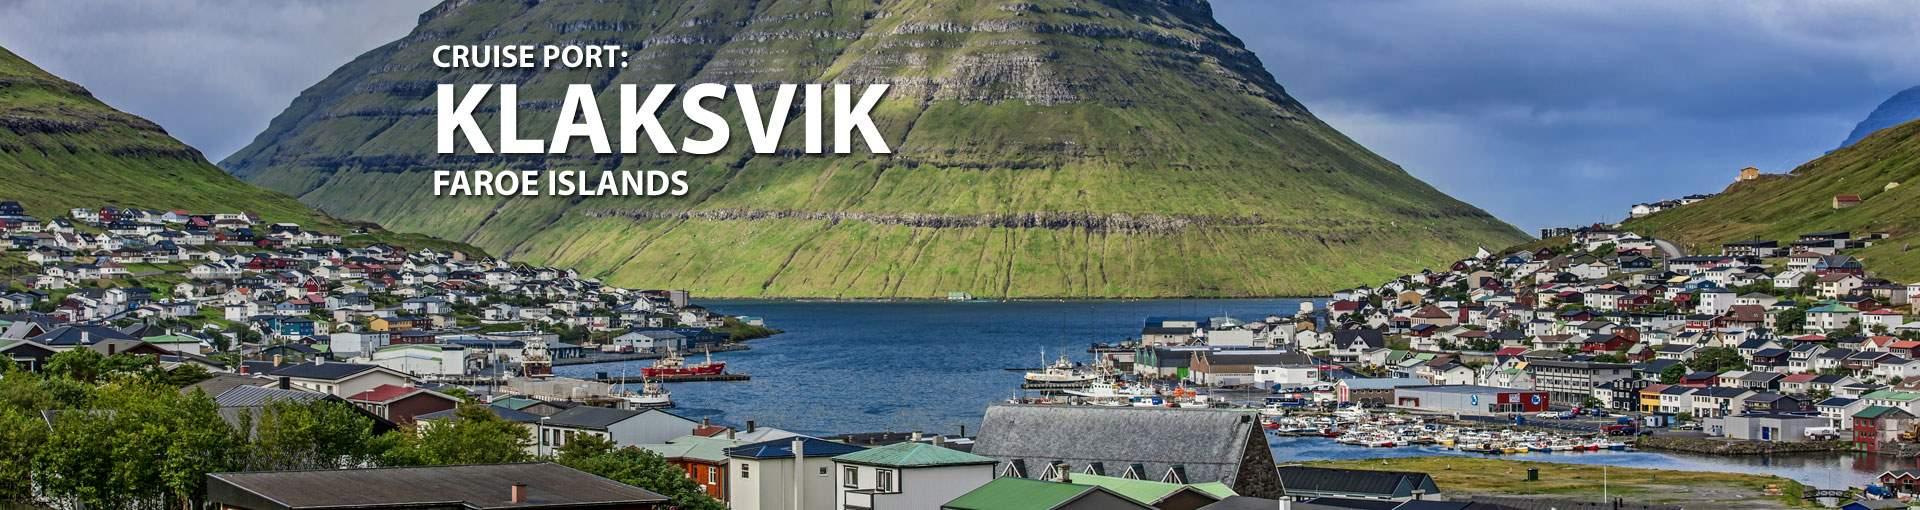 Cruises to Klaksvik, Faroe Islands